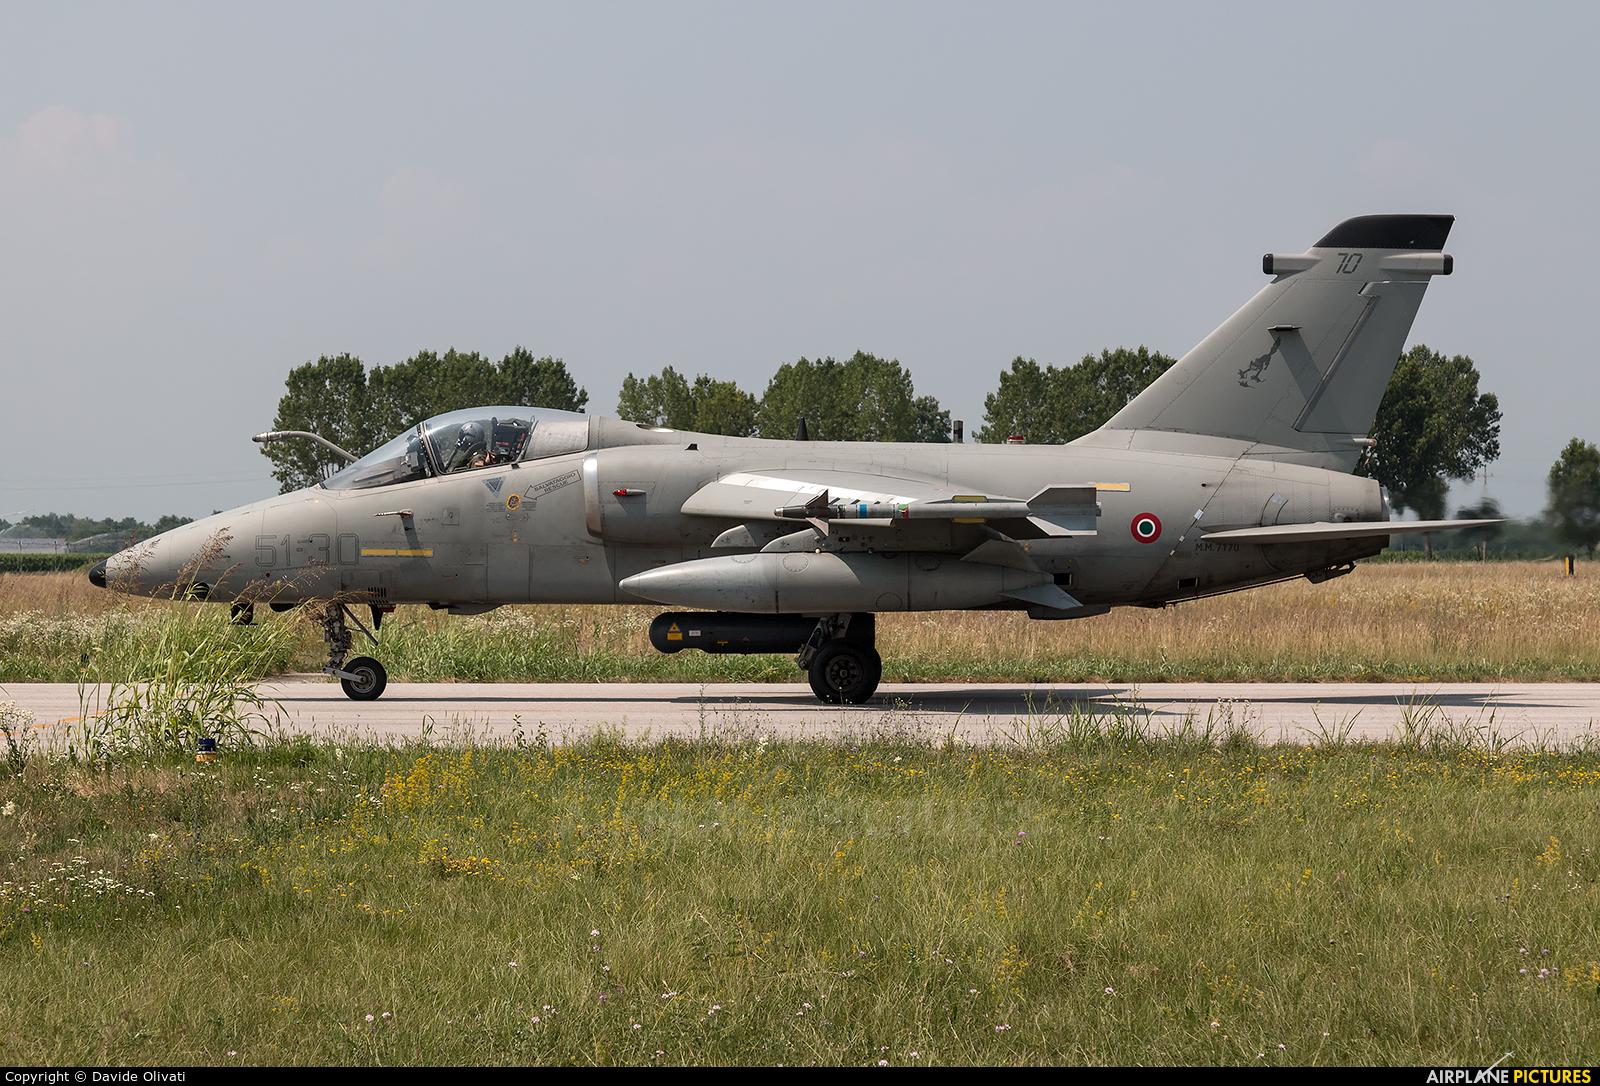 Italy - Air Force MM7170 aircraft at Rivolto